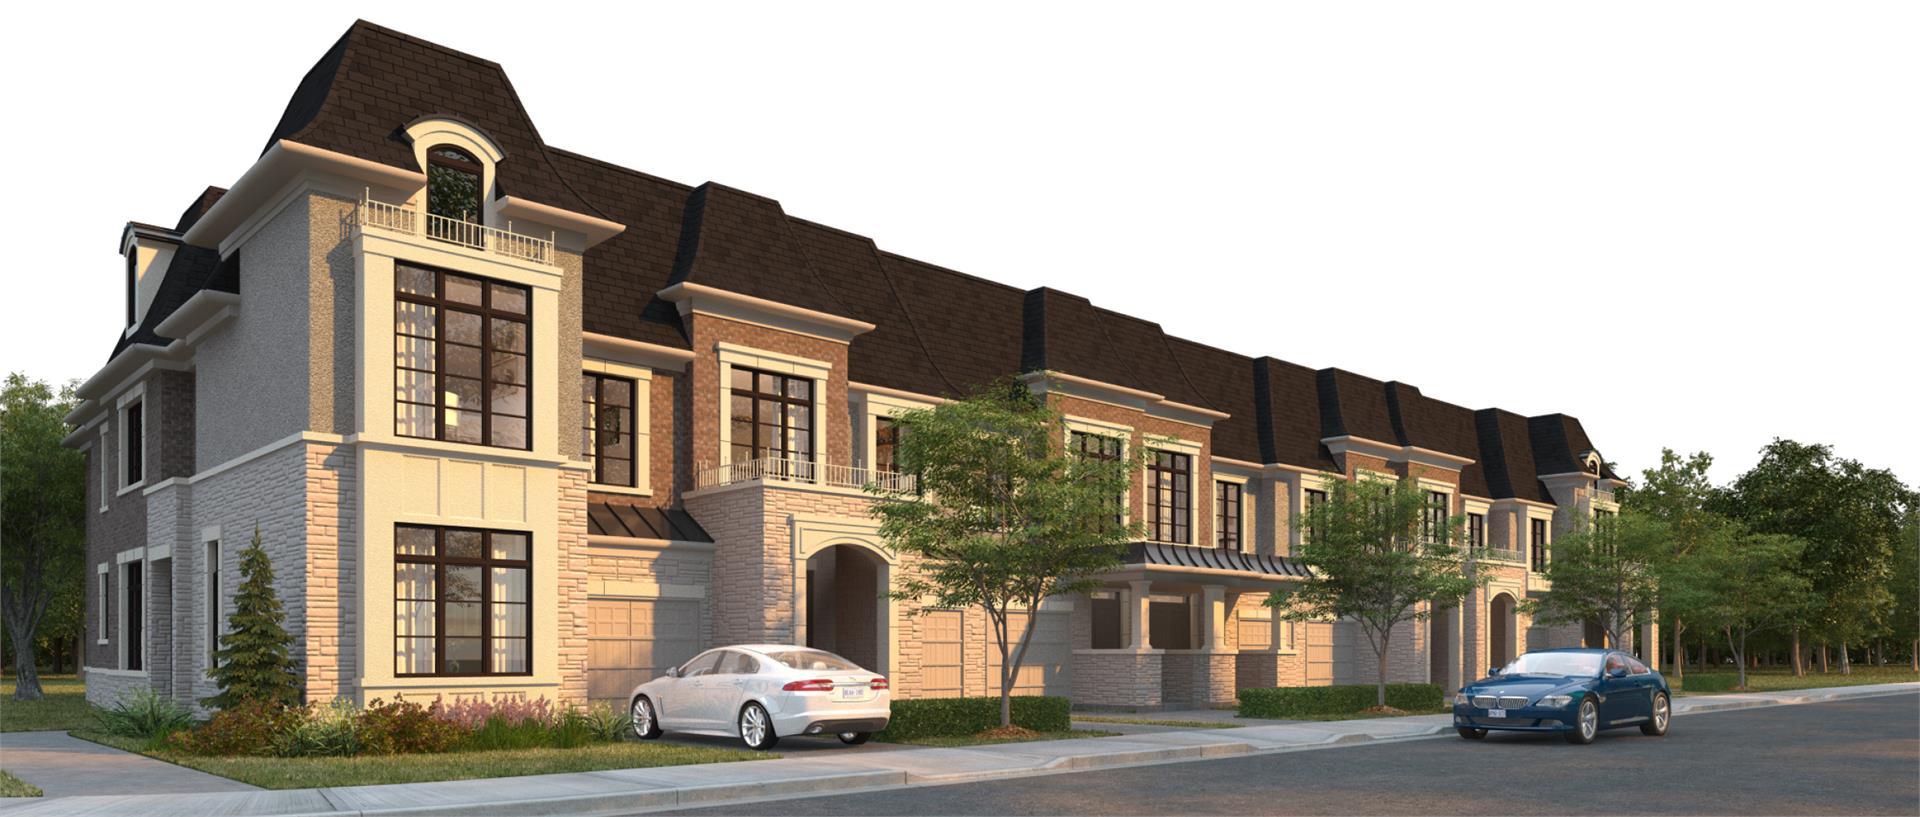 2016_07_18_11_29_35_unionvillas_exterior_rendering.jpg